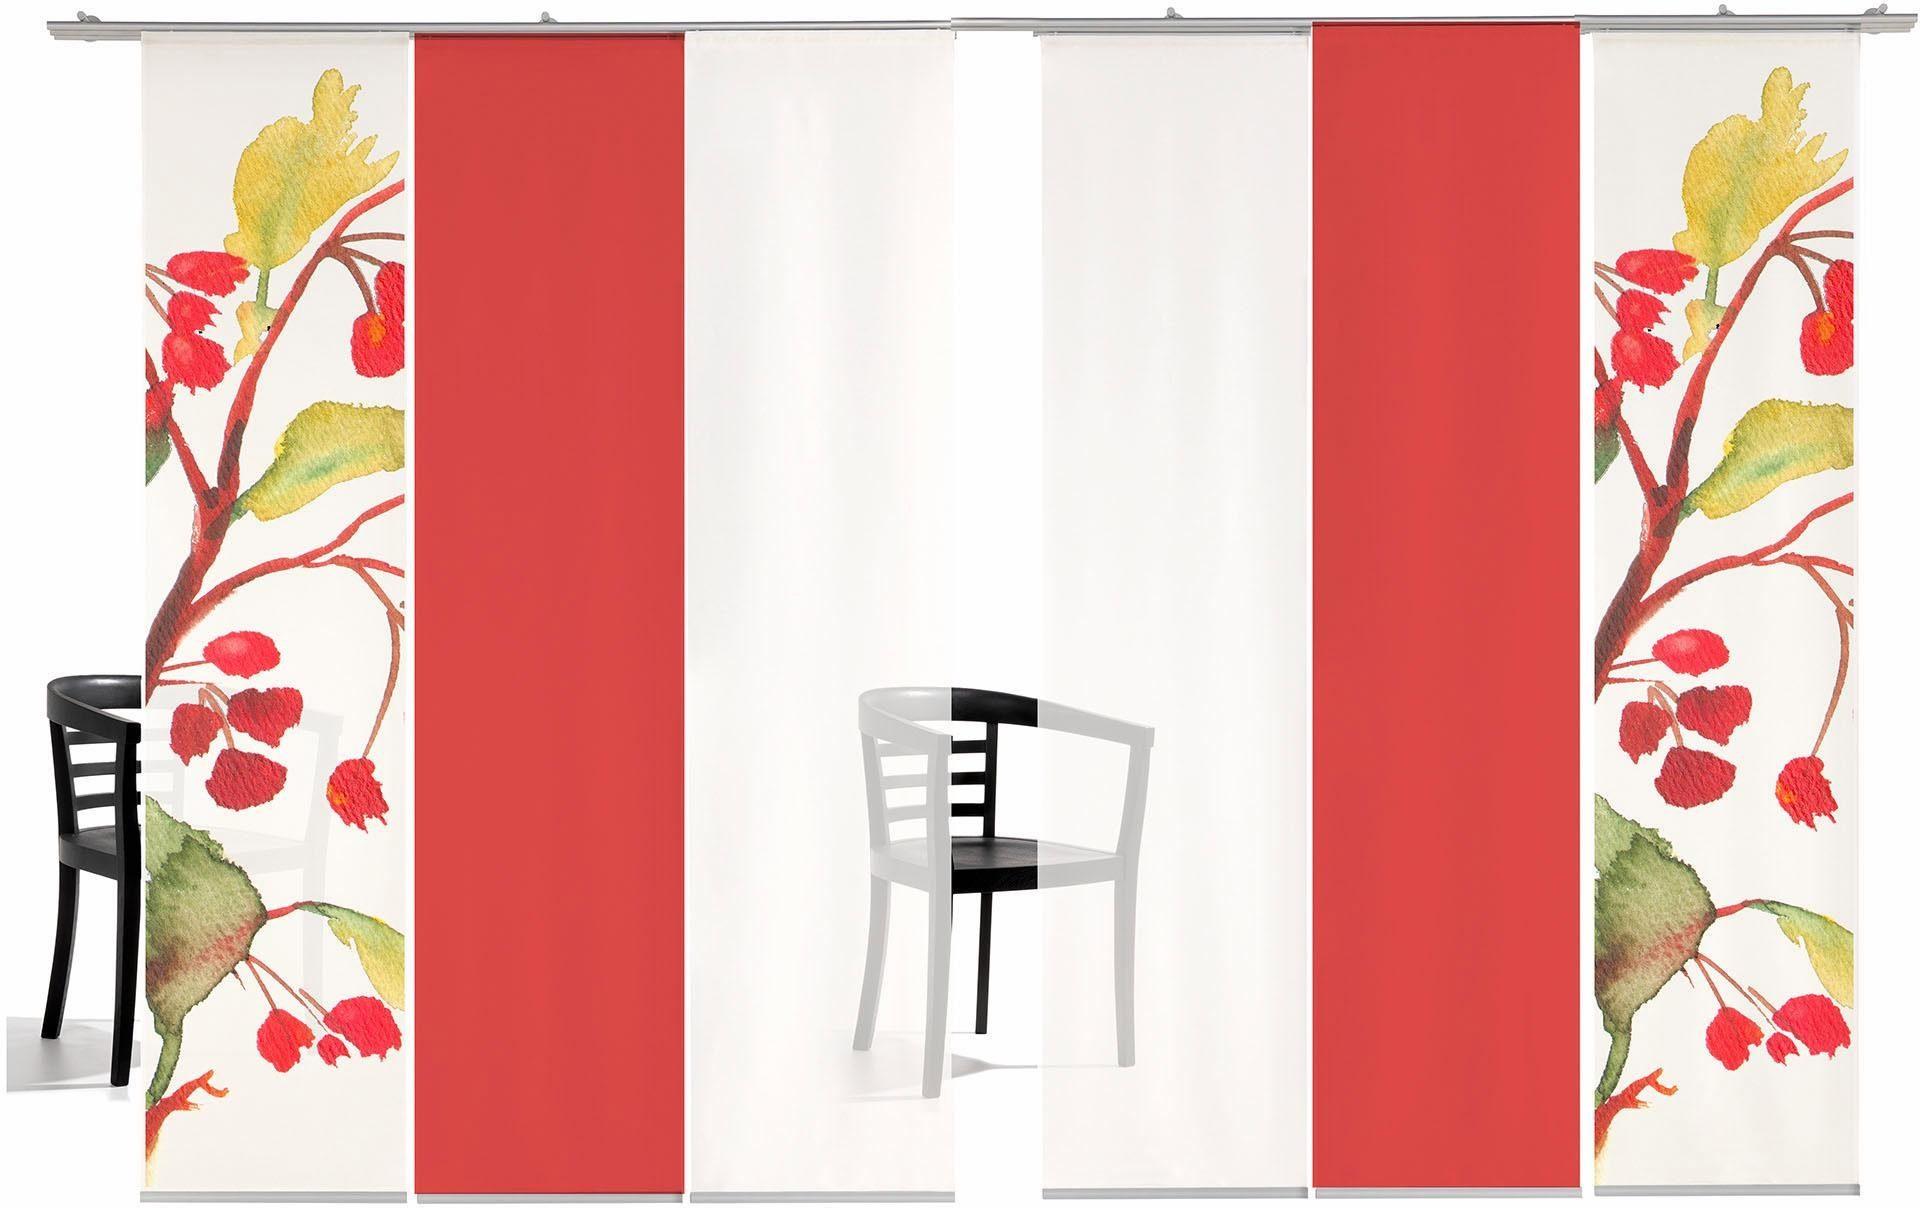 Schiebegardine »Kirschblüten Farbig«, emotion textiles, Klettband (6 Stück), inkl. Befestigungszubehör